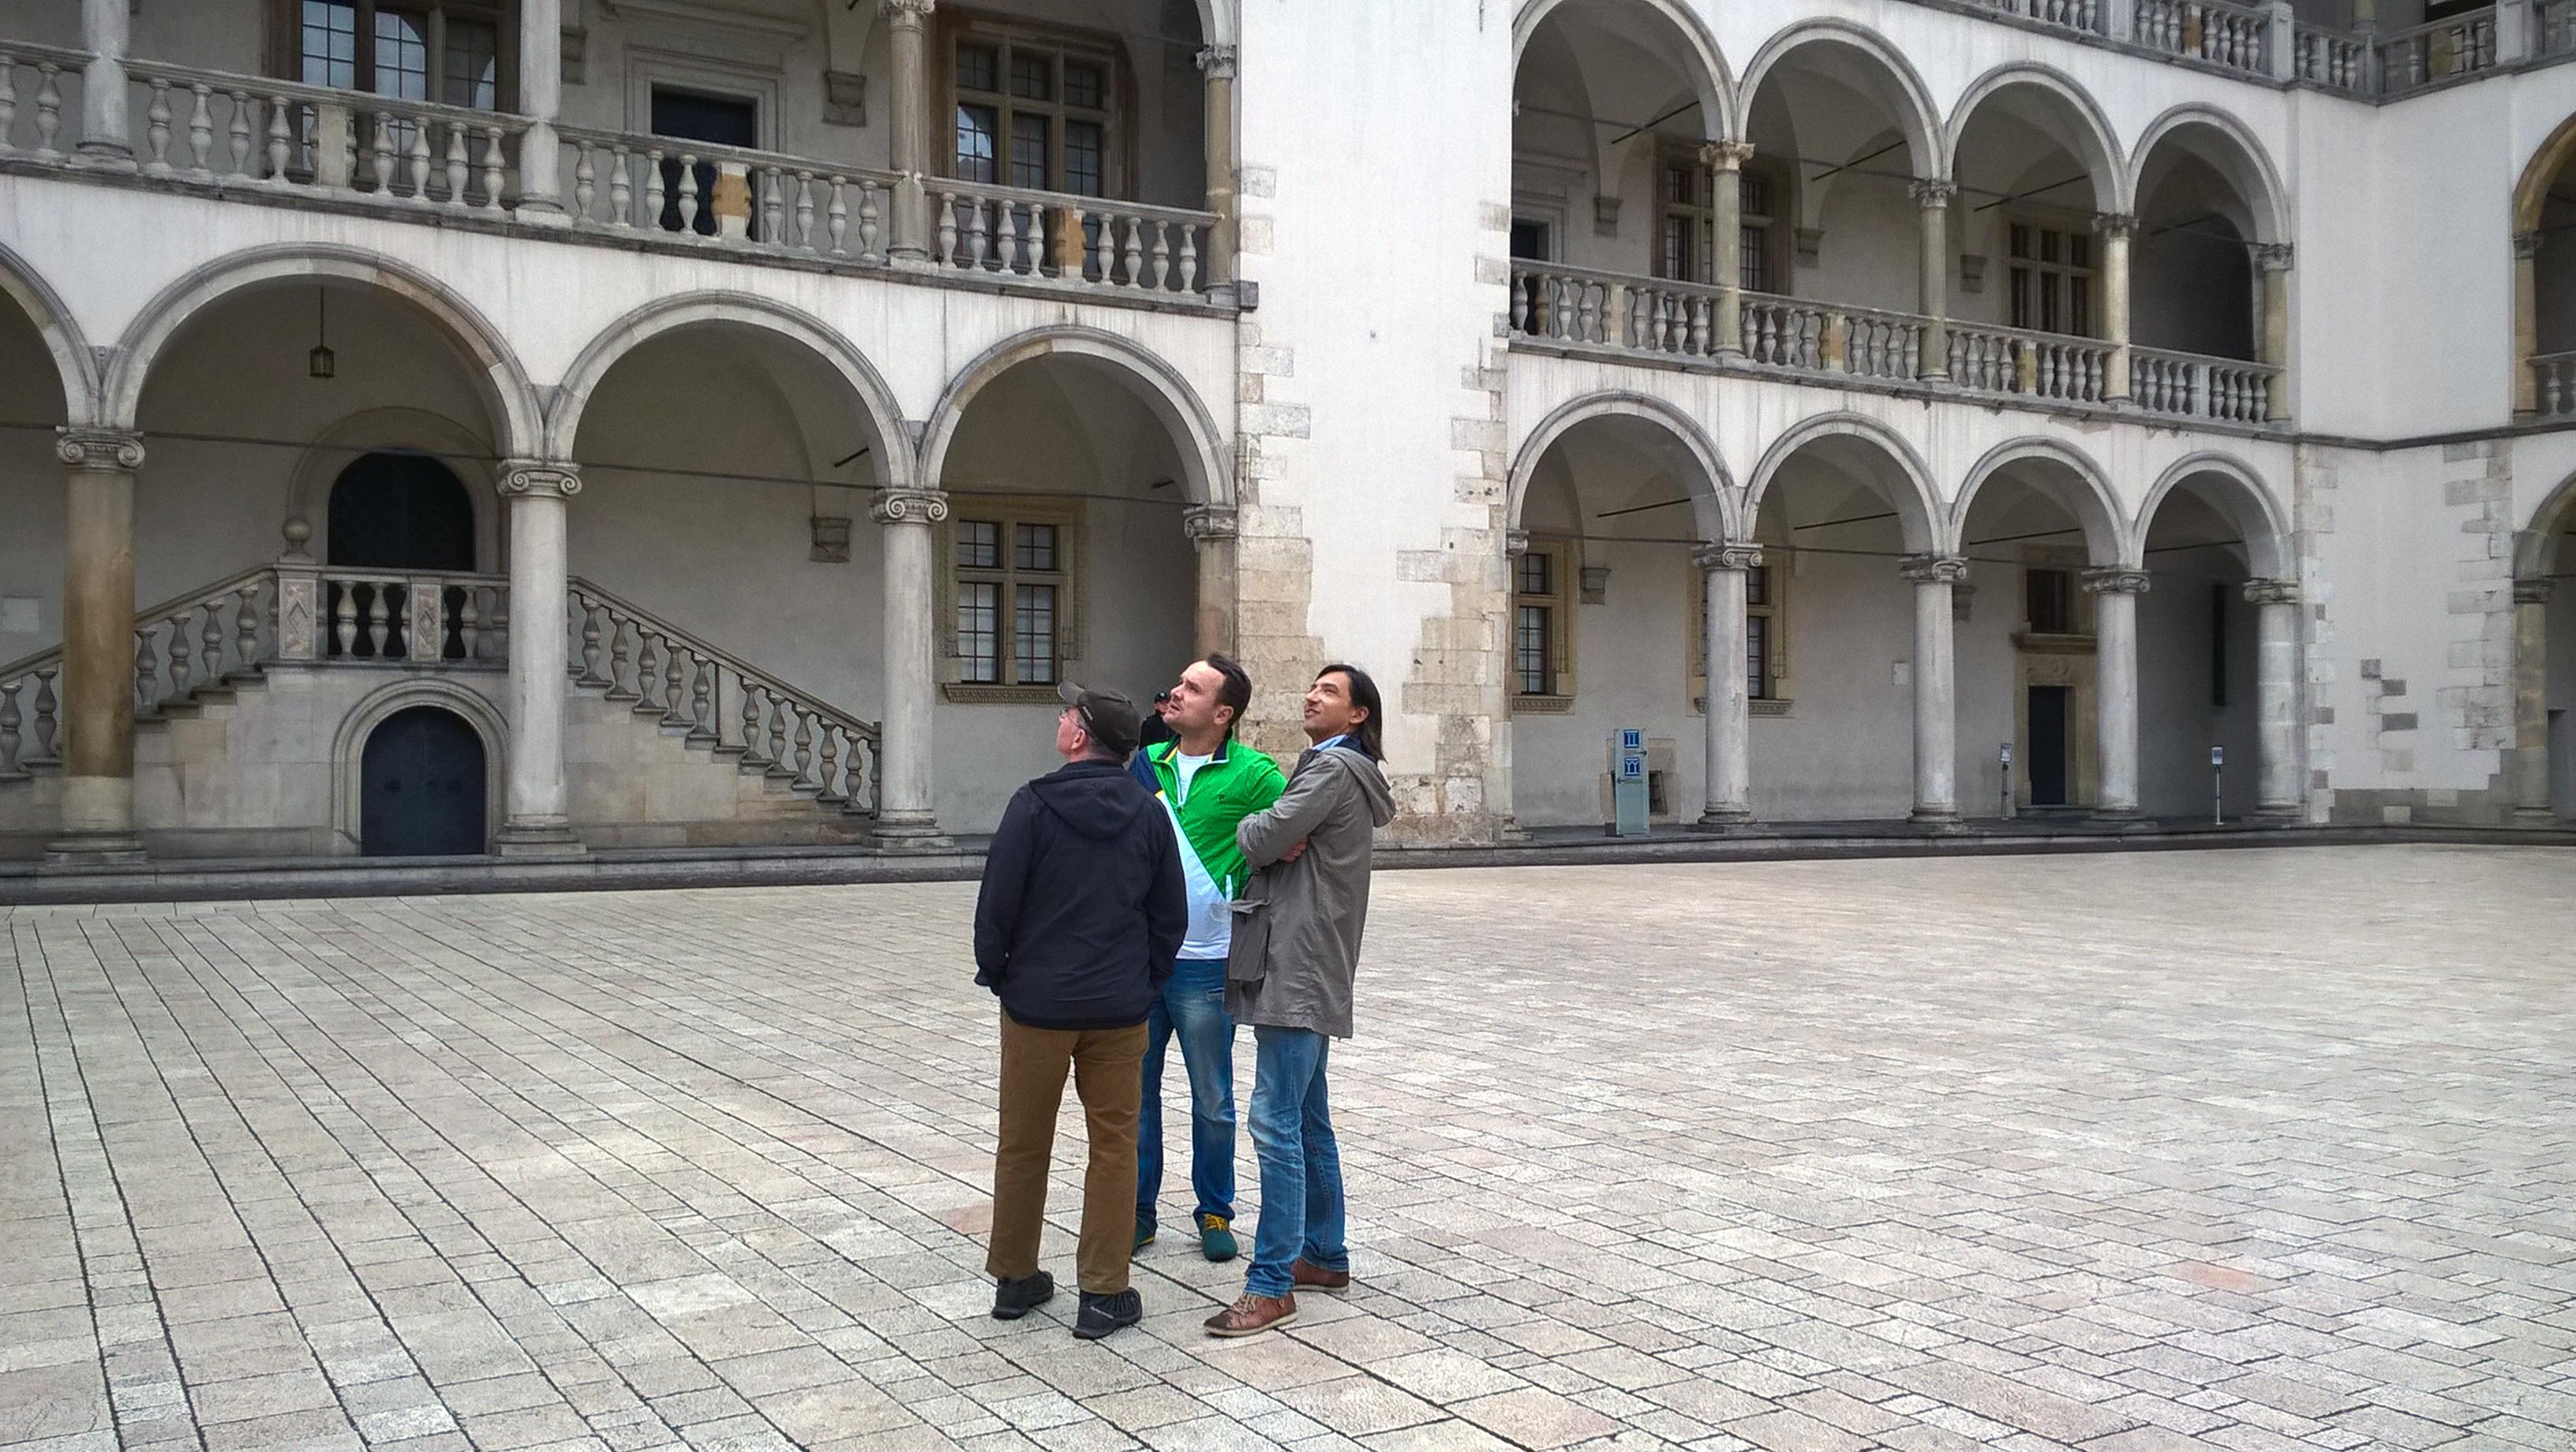 Dziedziniec Zamku Królewskiego na Wawelu, od lewej Rafał Pogoda, Marcin Polak i Jacek Dobrowolski rozmyślają o przyszłości Polski, fot. NOM